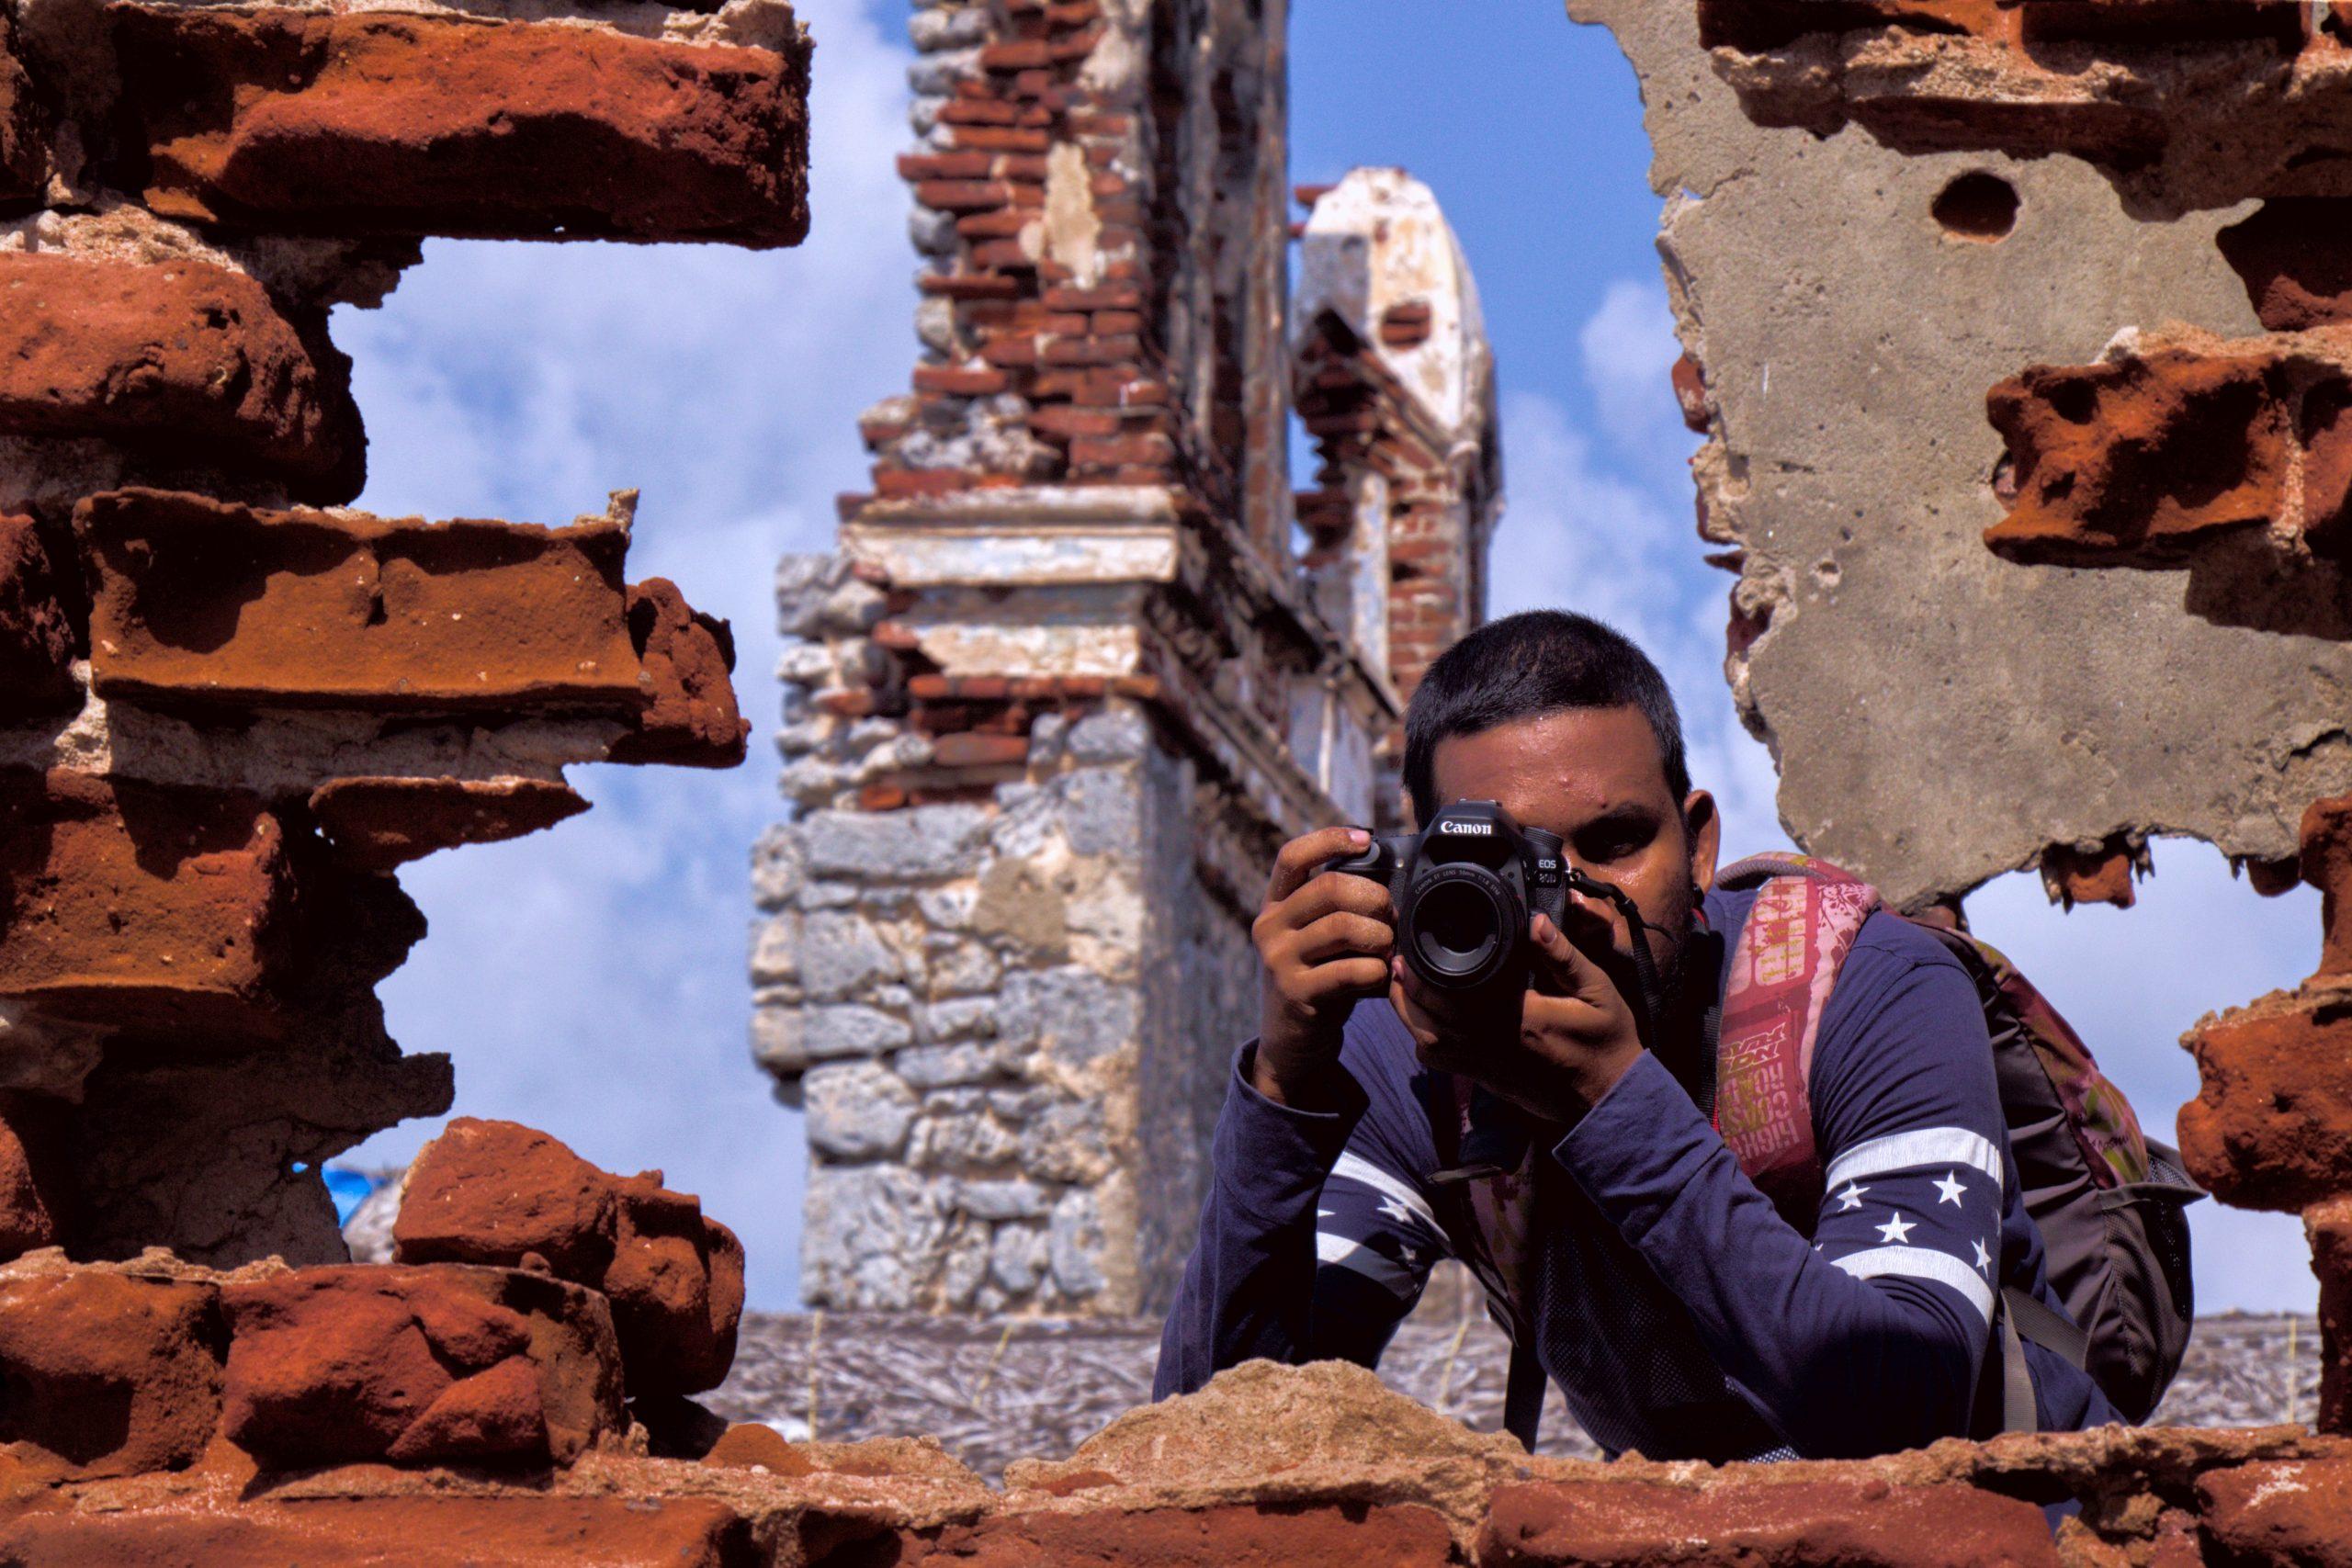 A photographer taking shot